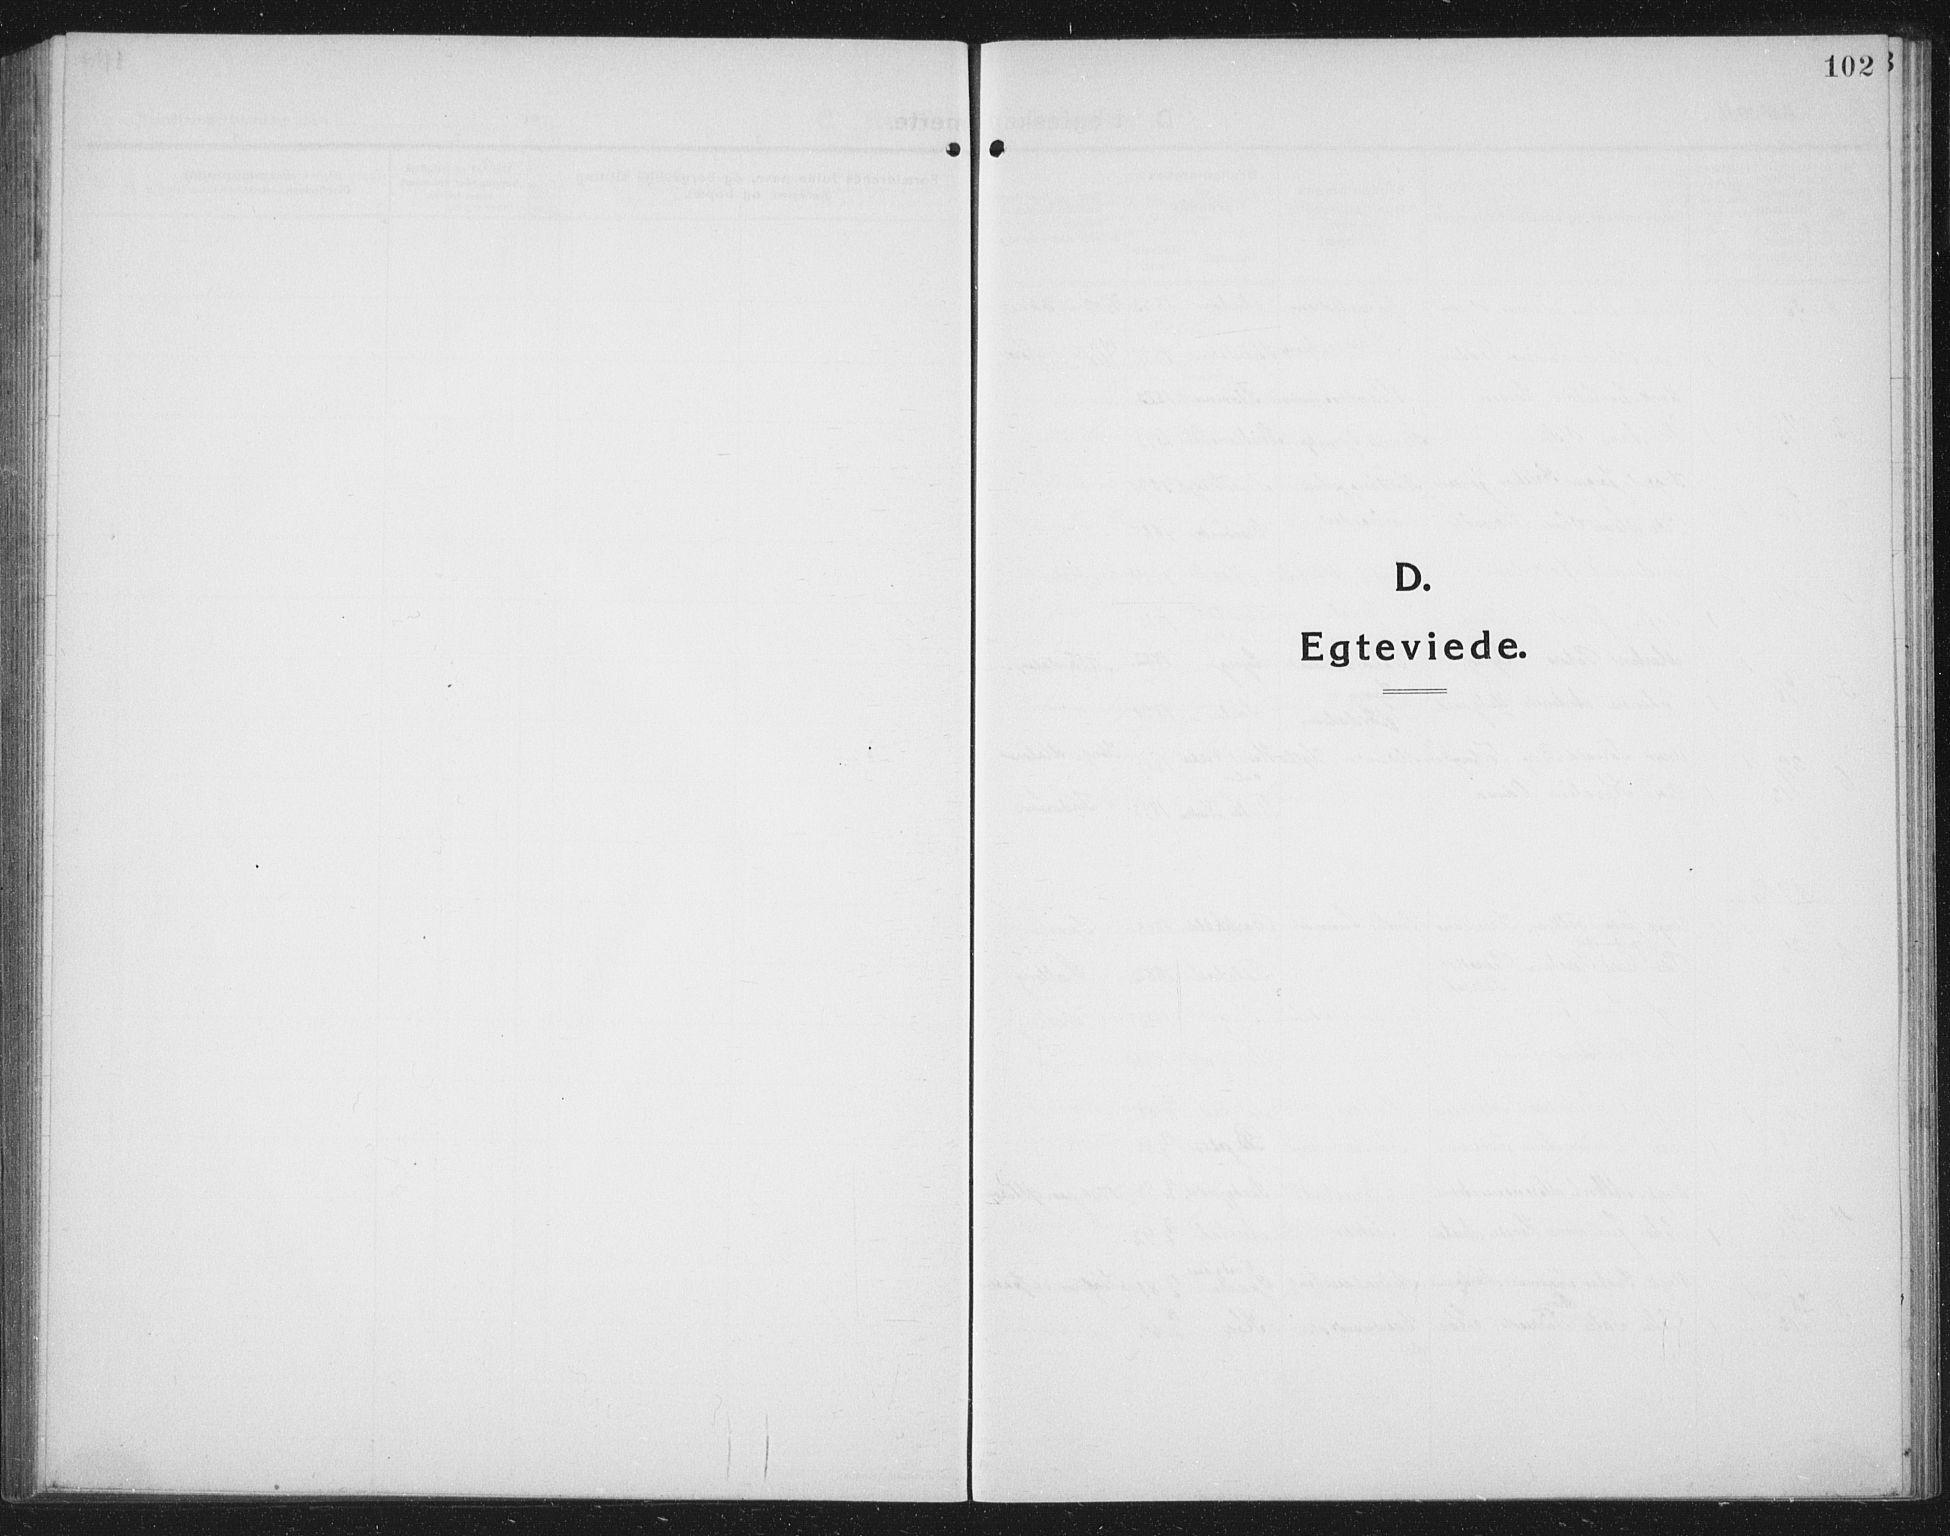 SAT, Ministerialprotokoller, klokkerbøker og fødselsregistre - Nord-Trøndelag, 731/L0312: Parish register (copy) no. 731C03, 1911-1935, p. 102